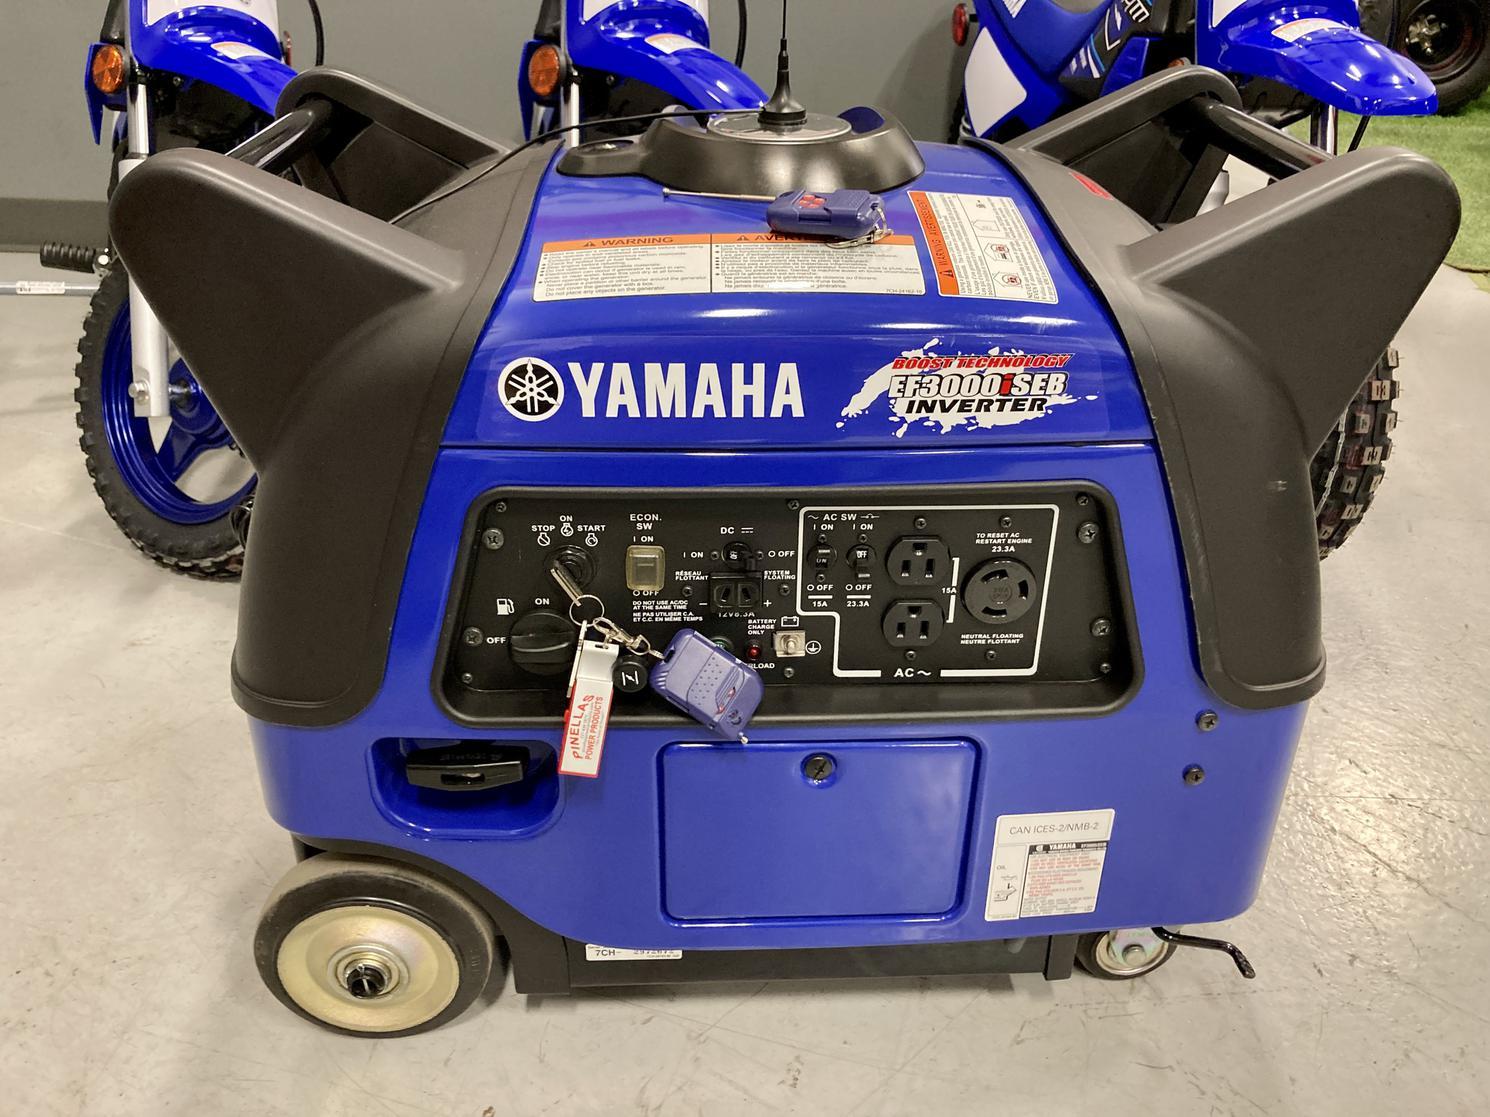 Yamaha génératrice EF3000 iSEB - Inventeur ultra silencieux 2019